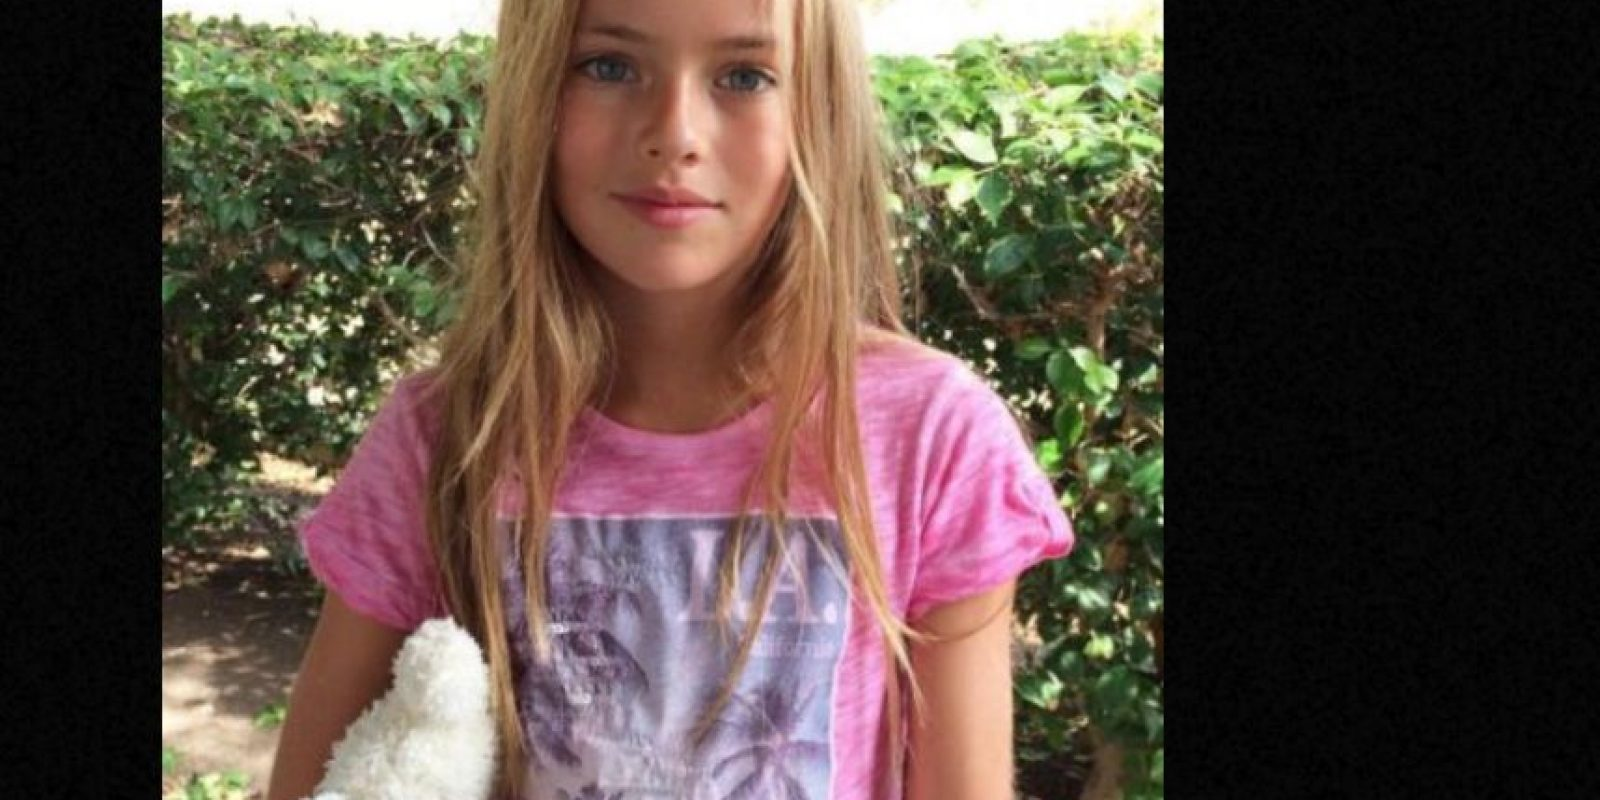 Muchos critican a los padres de la niña por explotarla. Foto:vía Facebook/Kristina Pimenova